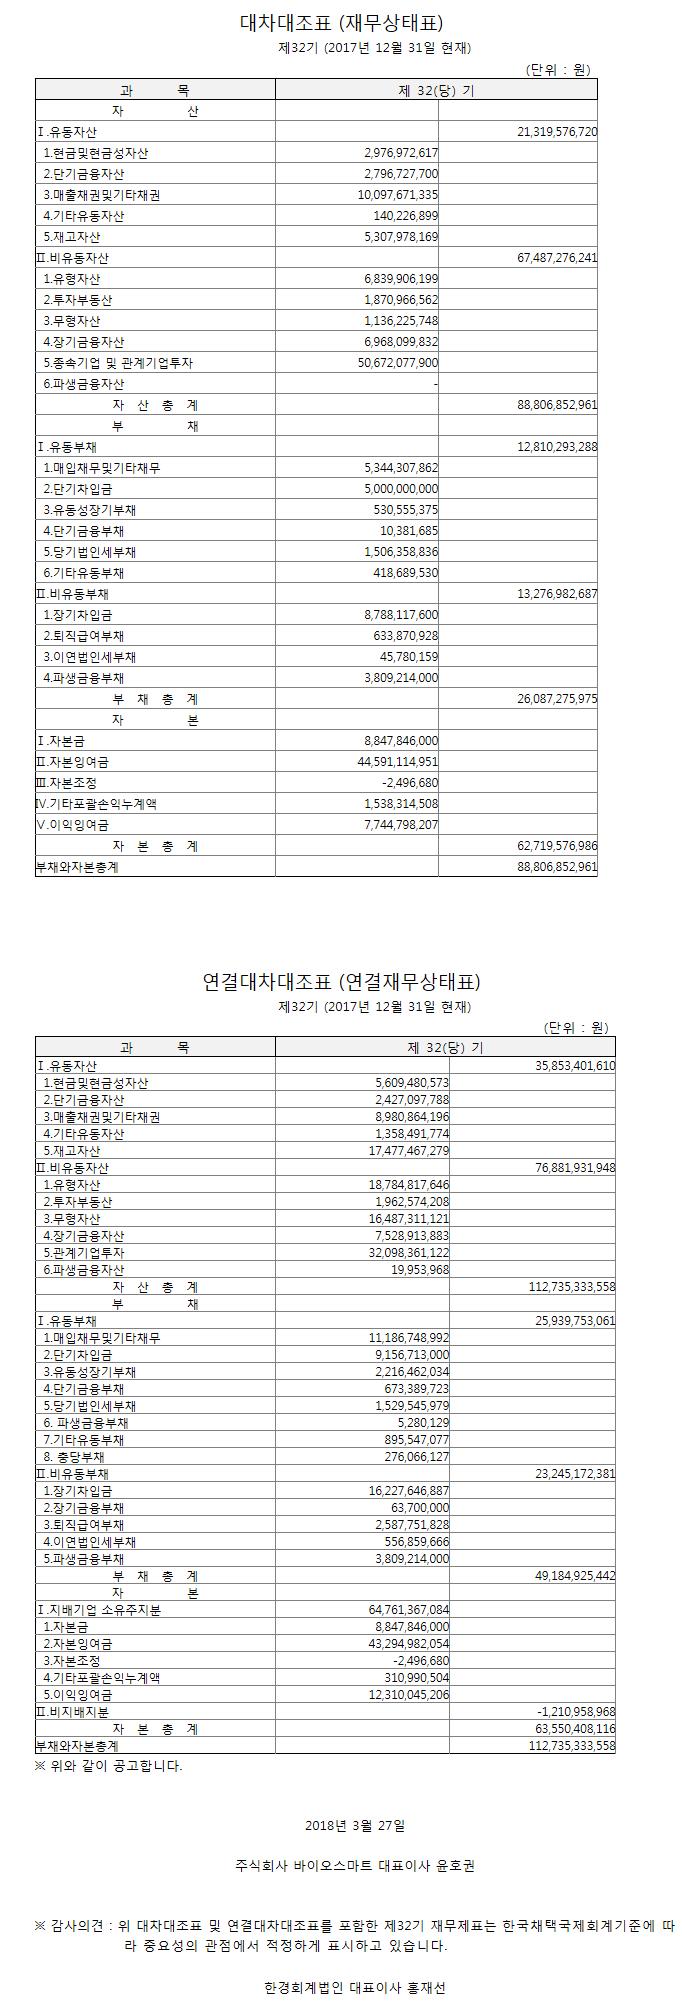 대차대조표 공고-바이오스마트-제32기.png